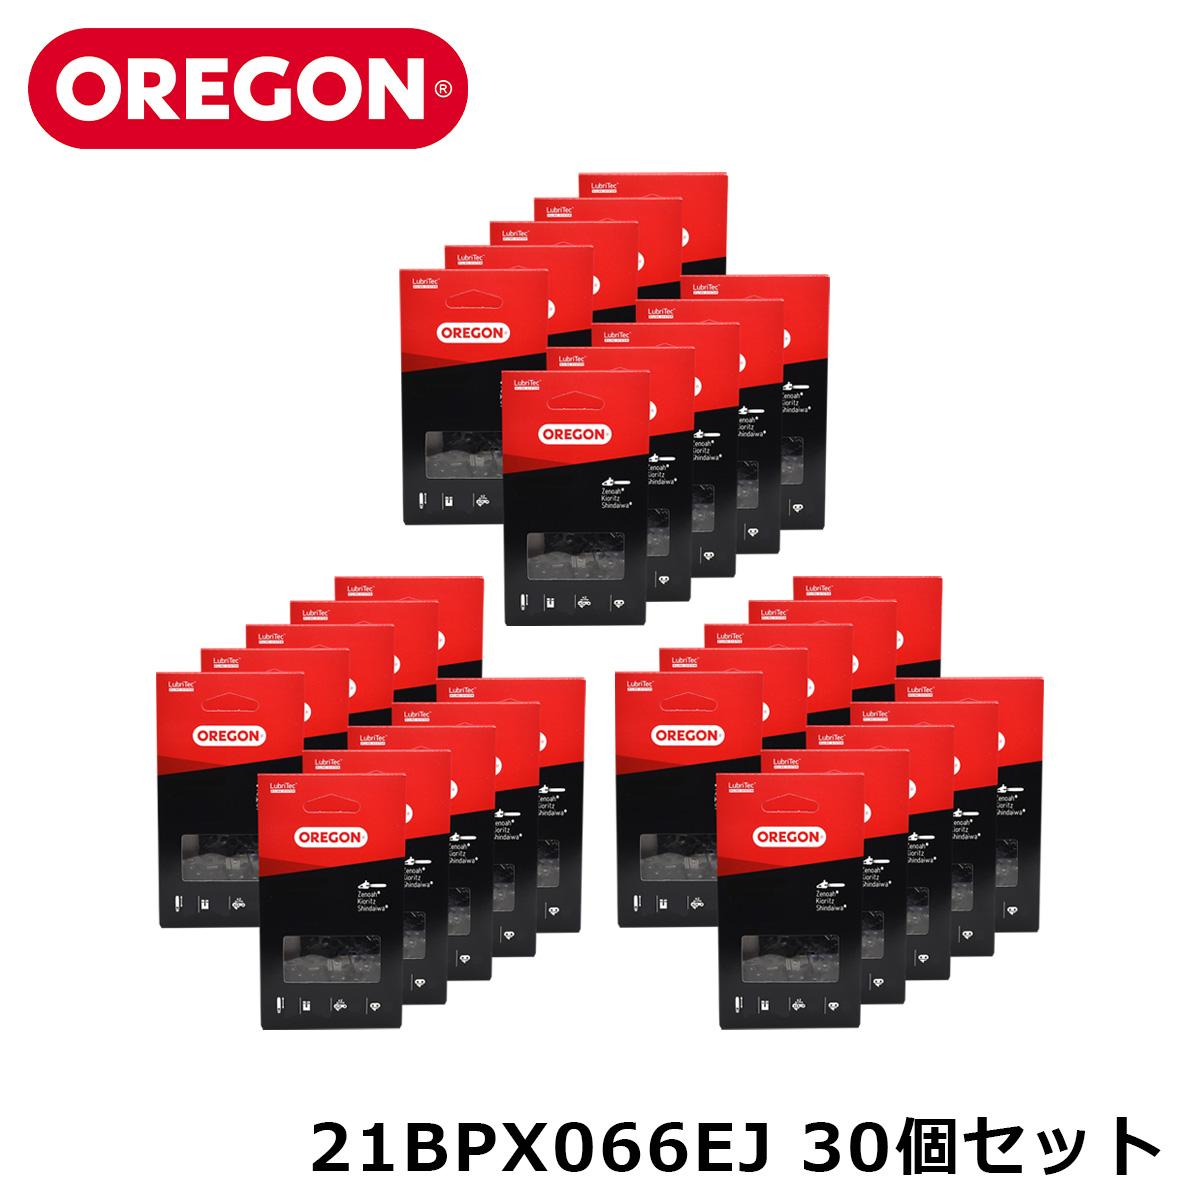 【30個セット】OREGON 21BPX066EJ ソーチェーン 替刃 正規品 パーツ チェンソー 21BPX コントロールカット オレゴン